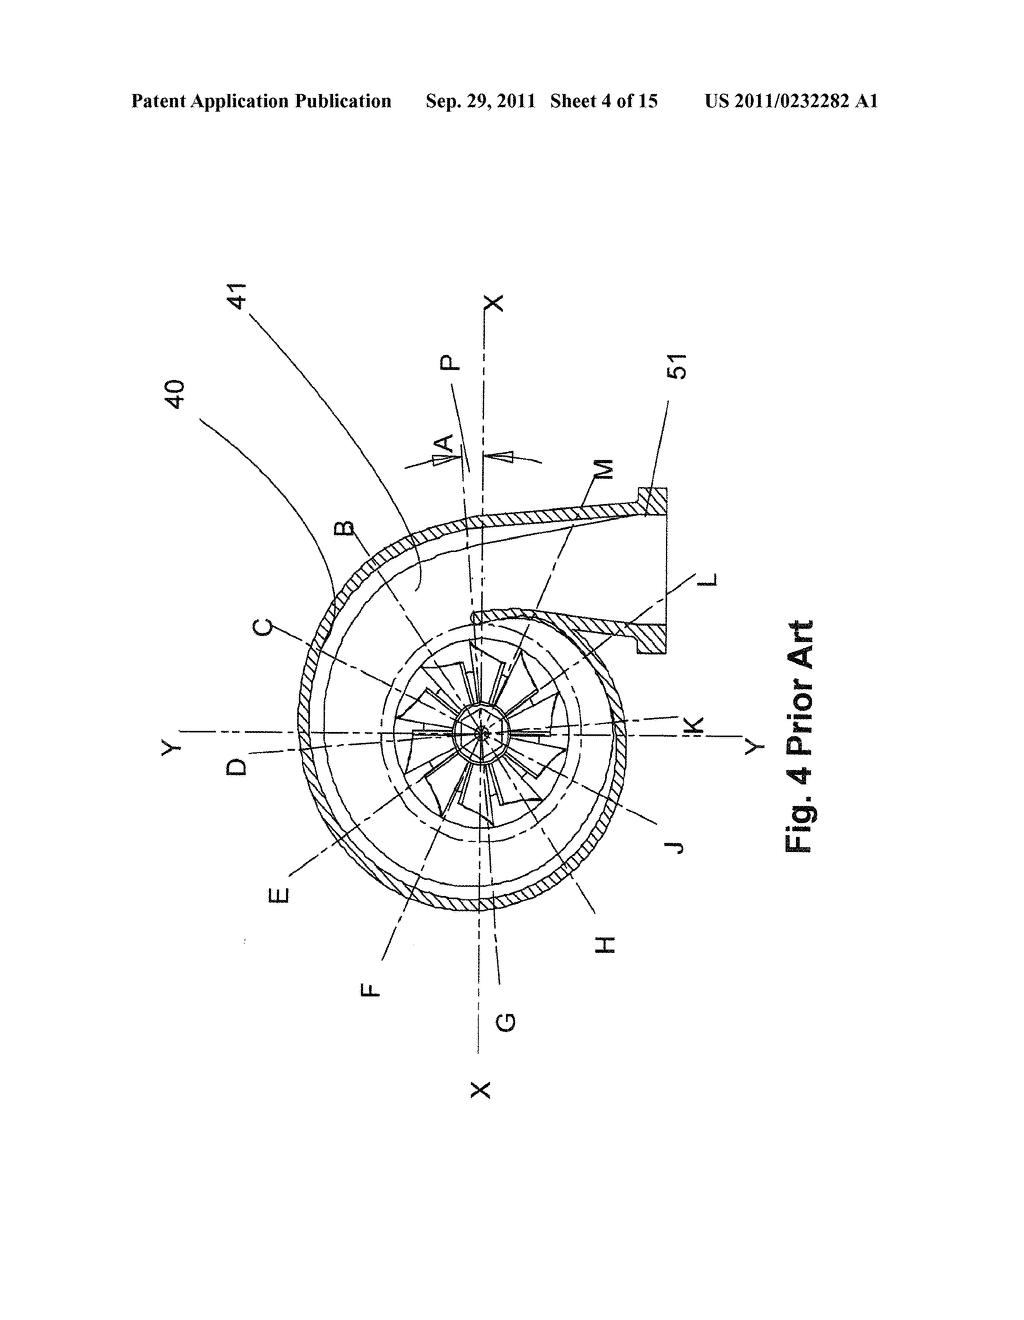 hartzell propeller diagram